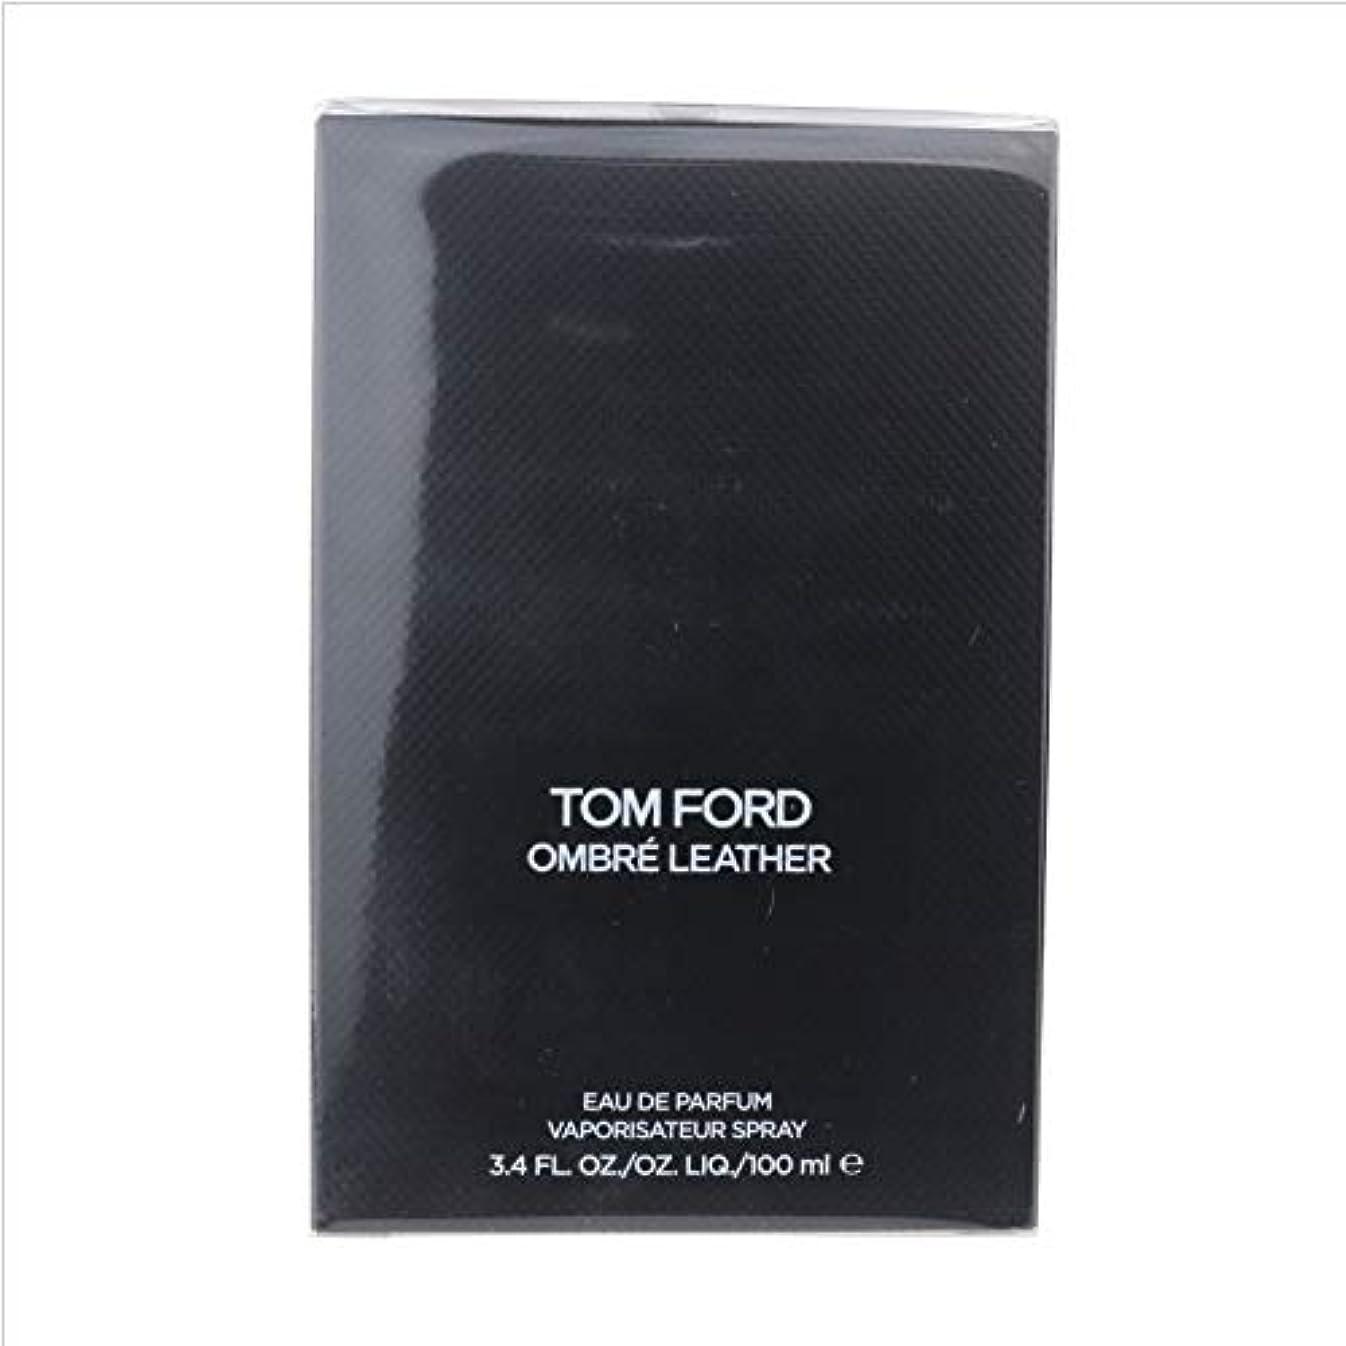 差地味な意図するTom Ford Ombre Leather (トムフォード オンブレ レザー) 3.4 oz (100ml) EDP Spray